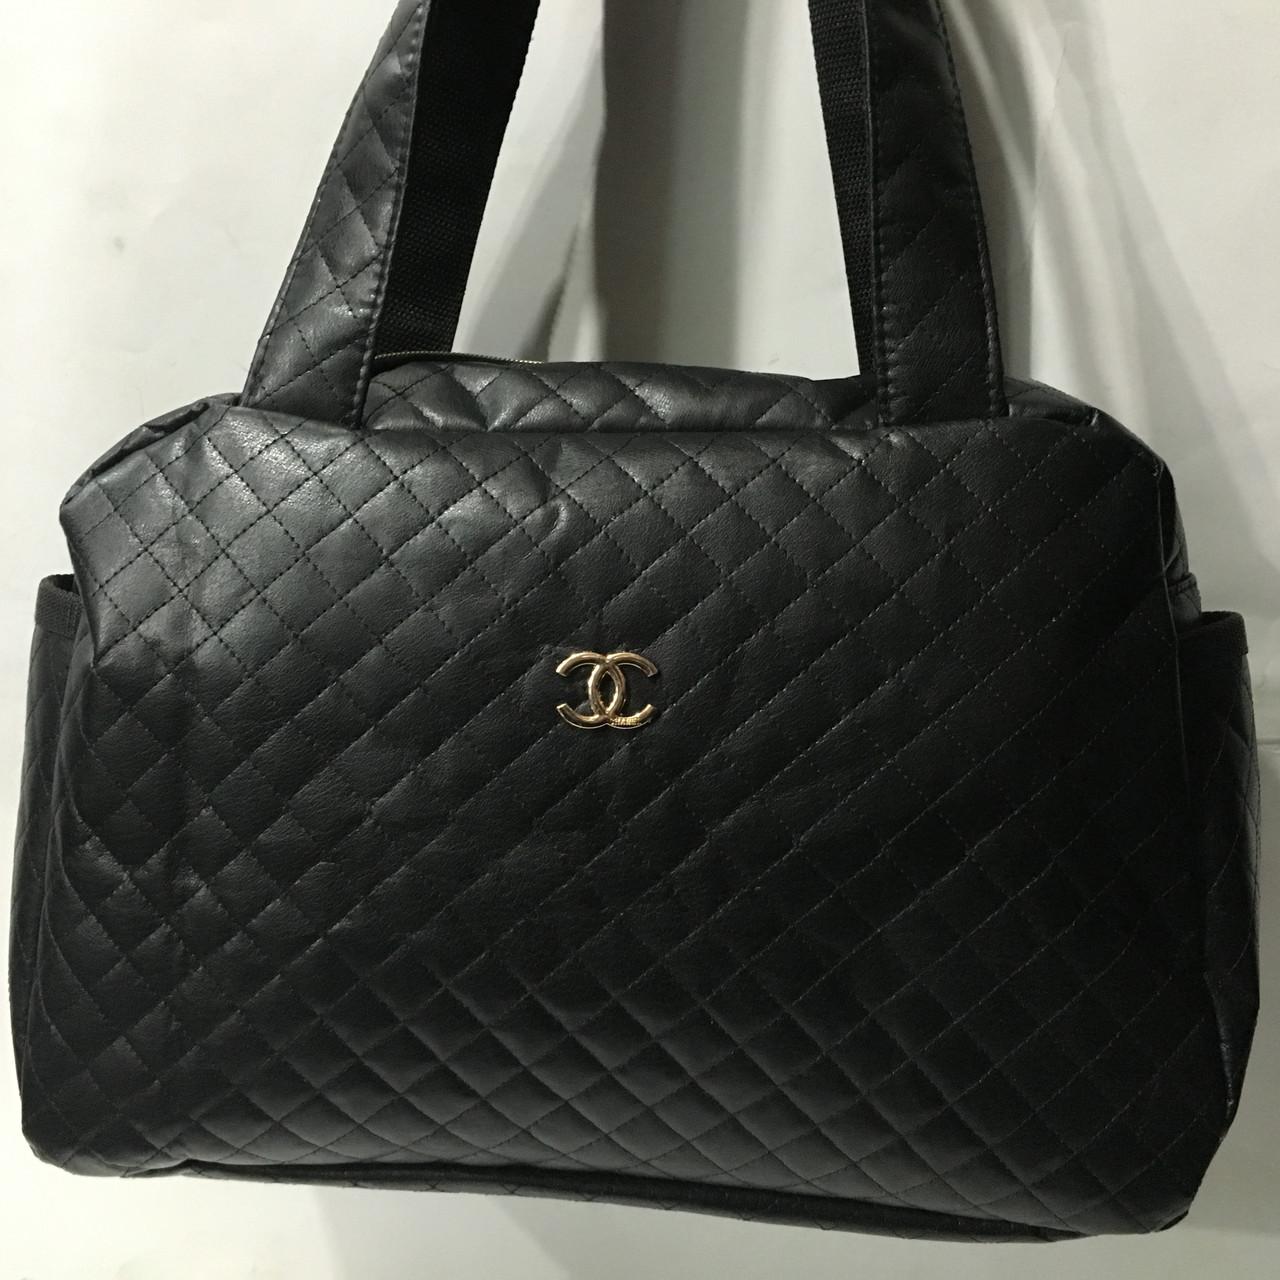 844fd1629486 Сумка стеганная кожа Стильная Дутая Сумка женская Chanel (Шанель)  спортивная оптом